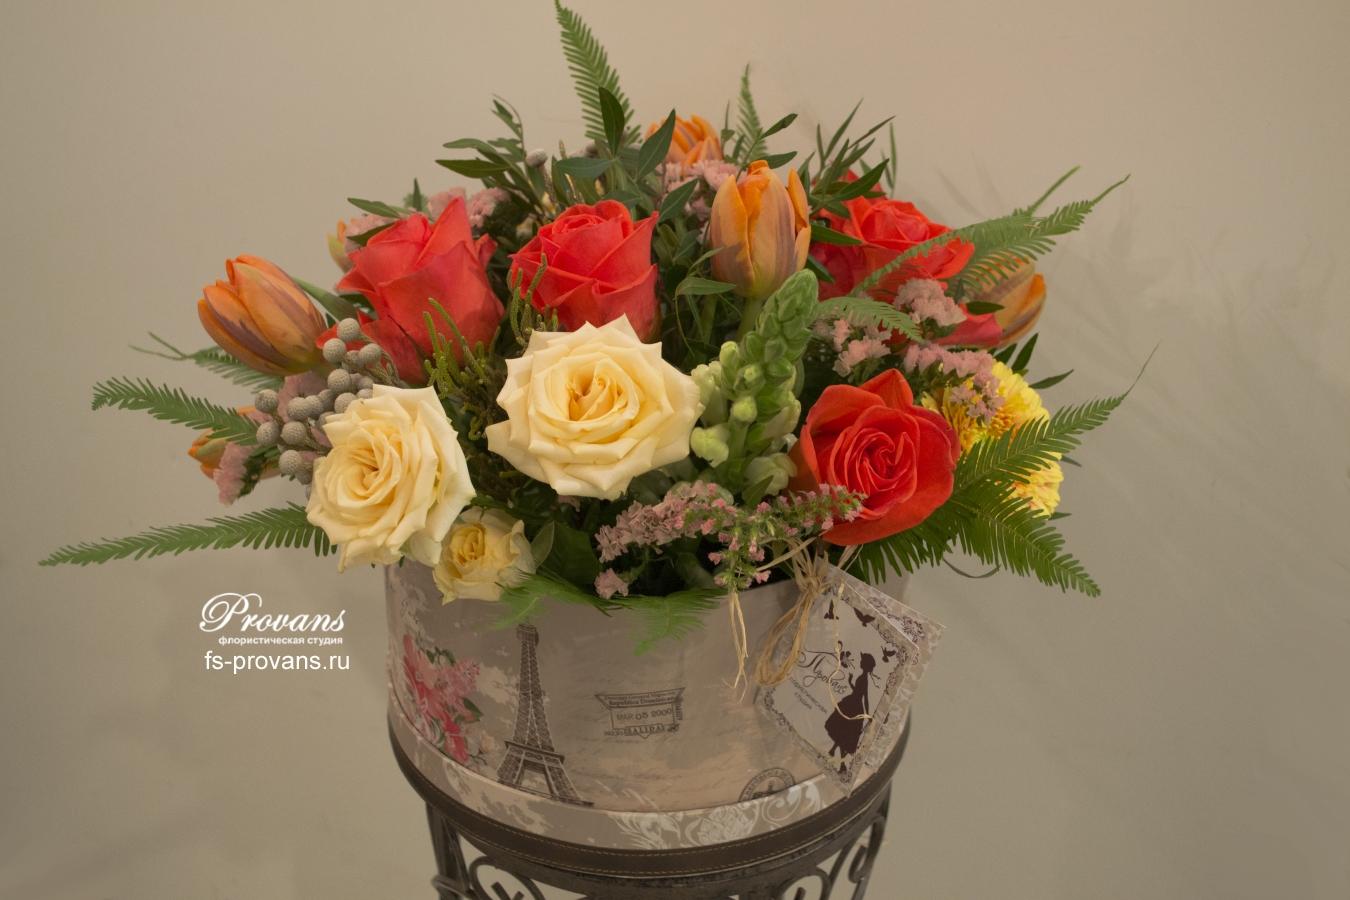 Цветы в шляпной коробке. Розы, тюльпаны